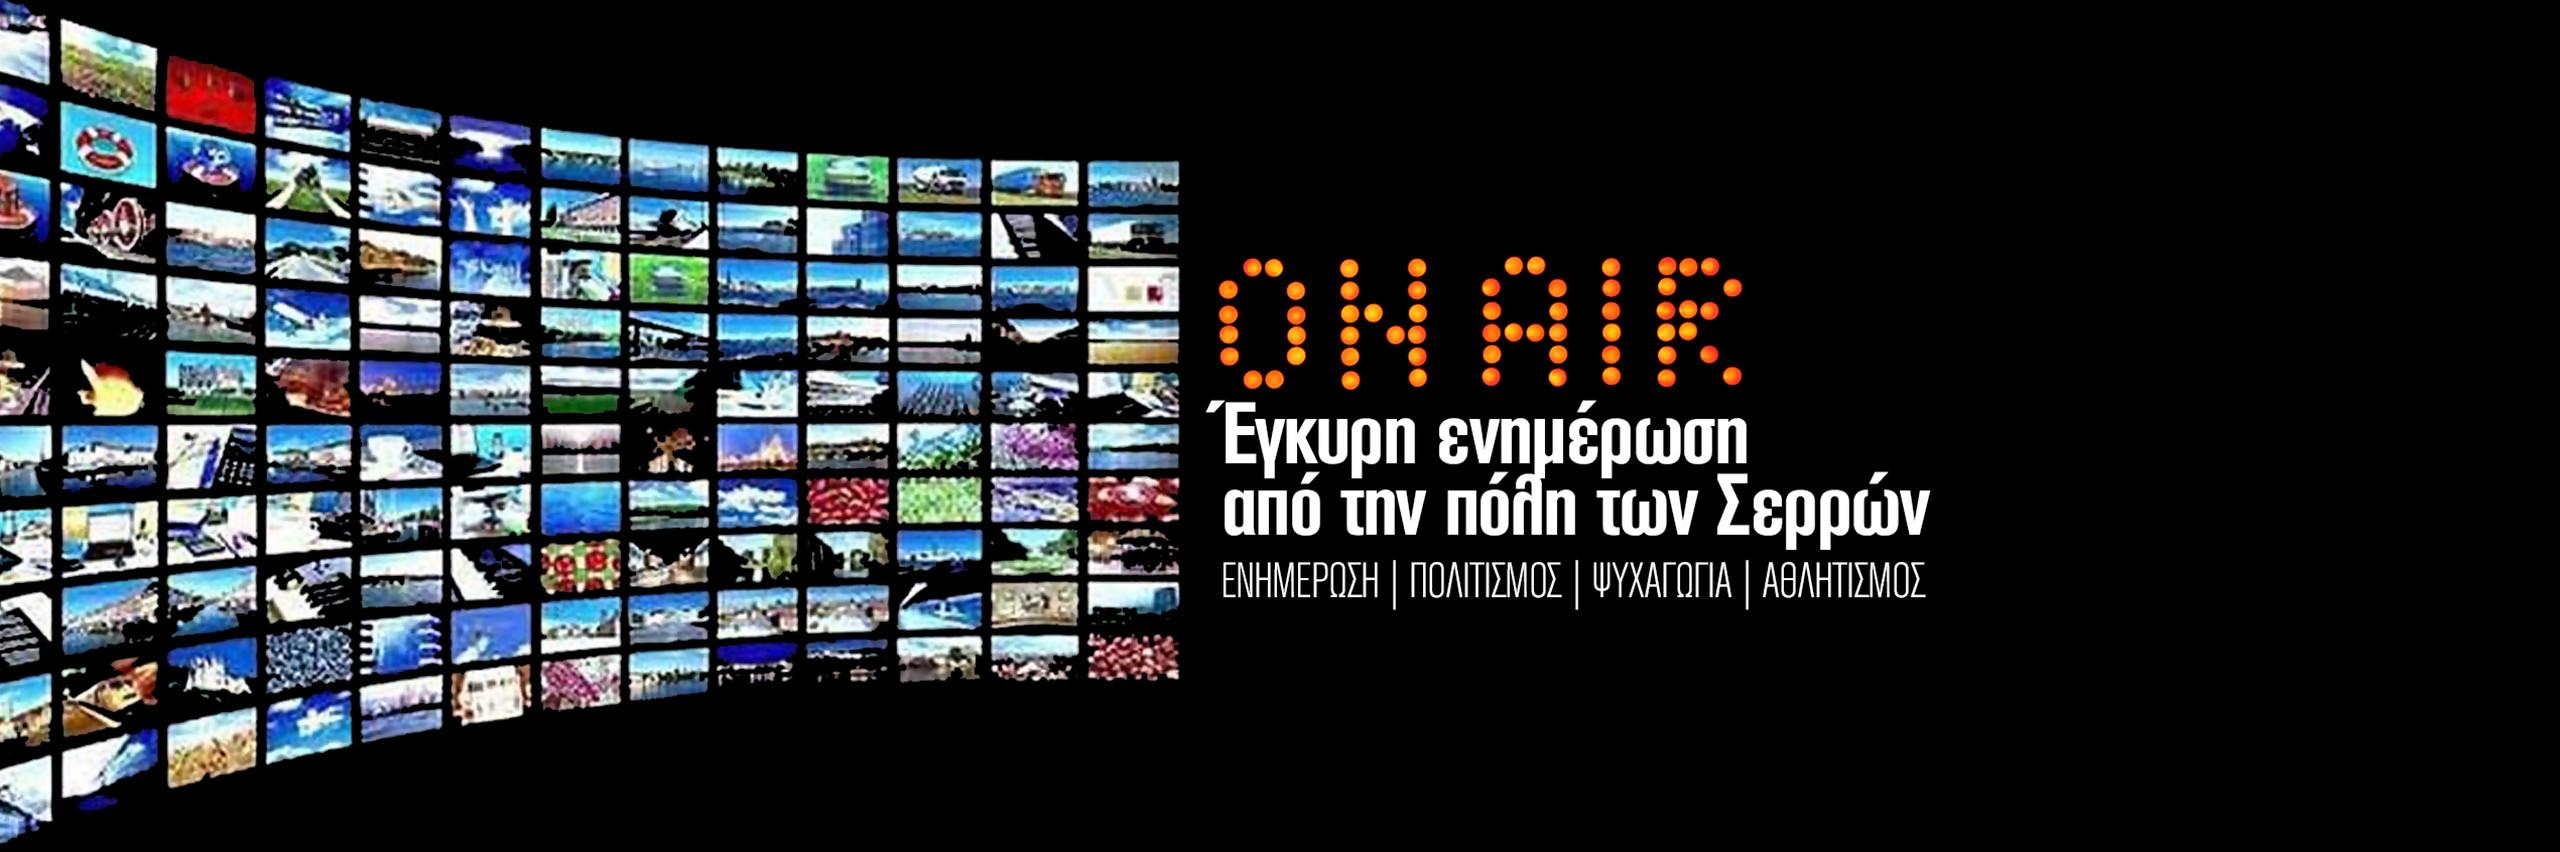 ΔΙΚΤΥΟ TV Live